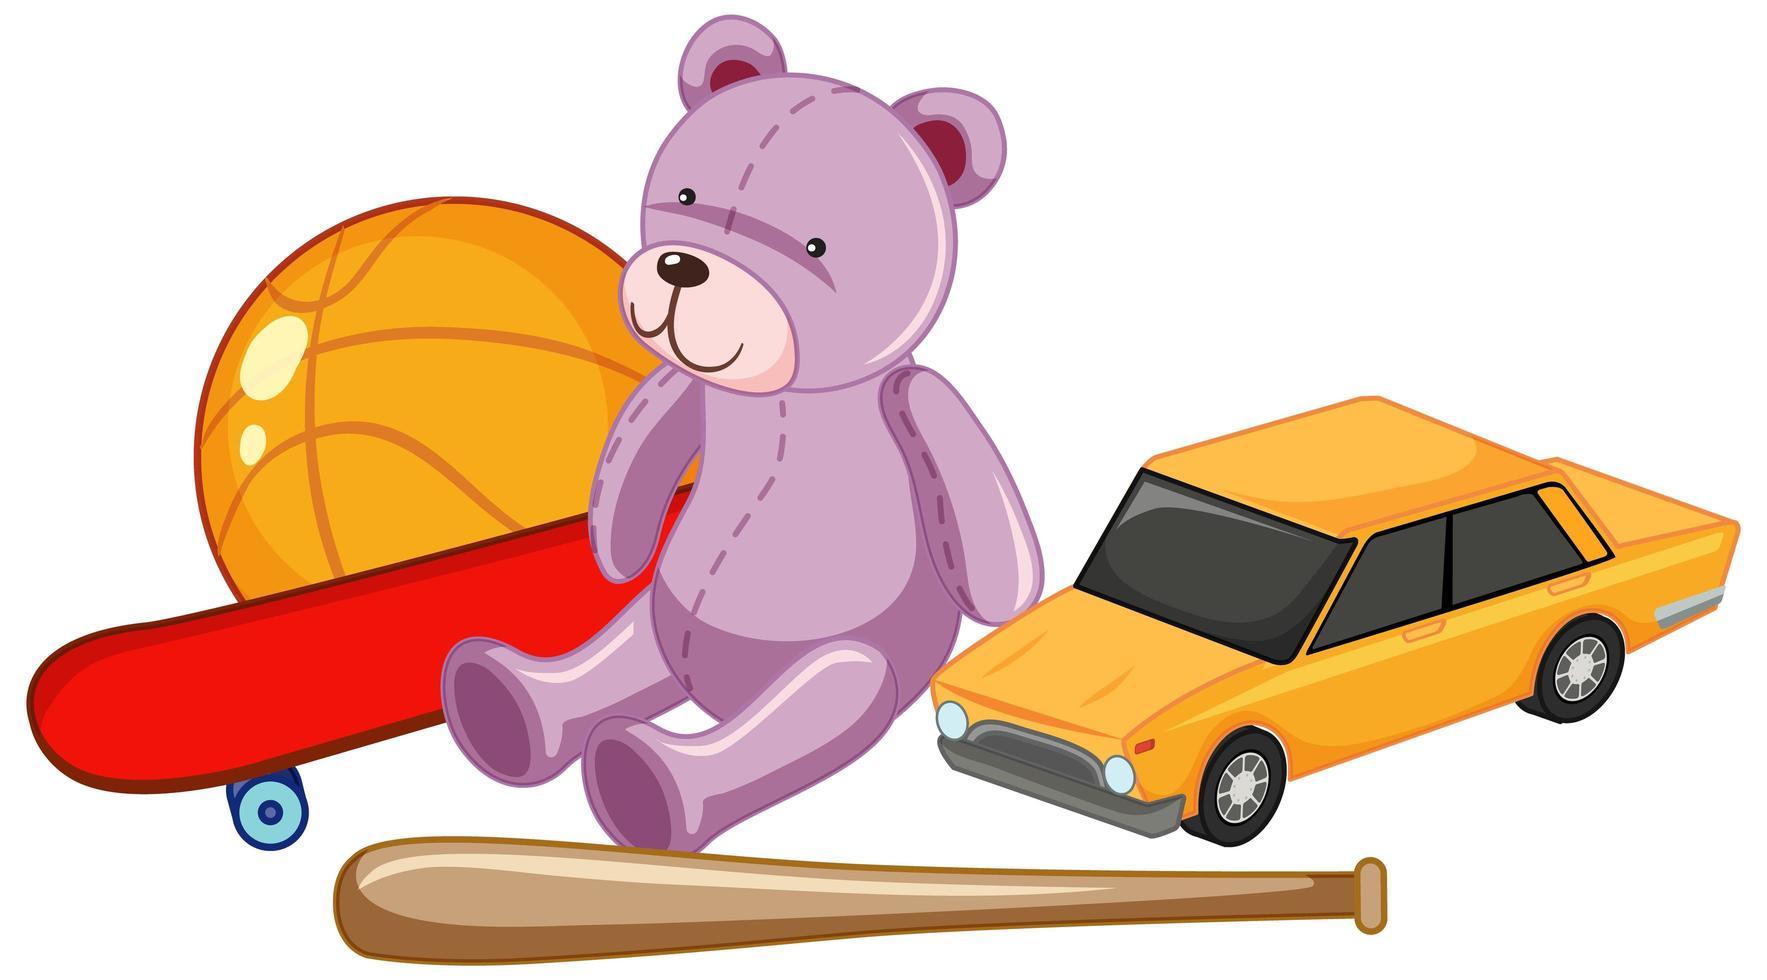 Grupo de juguetes para niños, como un oso de peluche, una pelota y un coche de juguete. vector